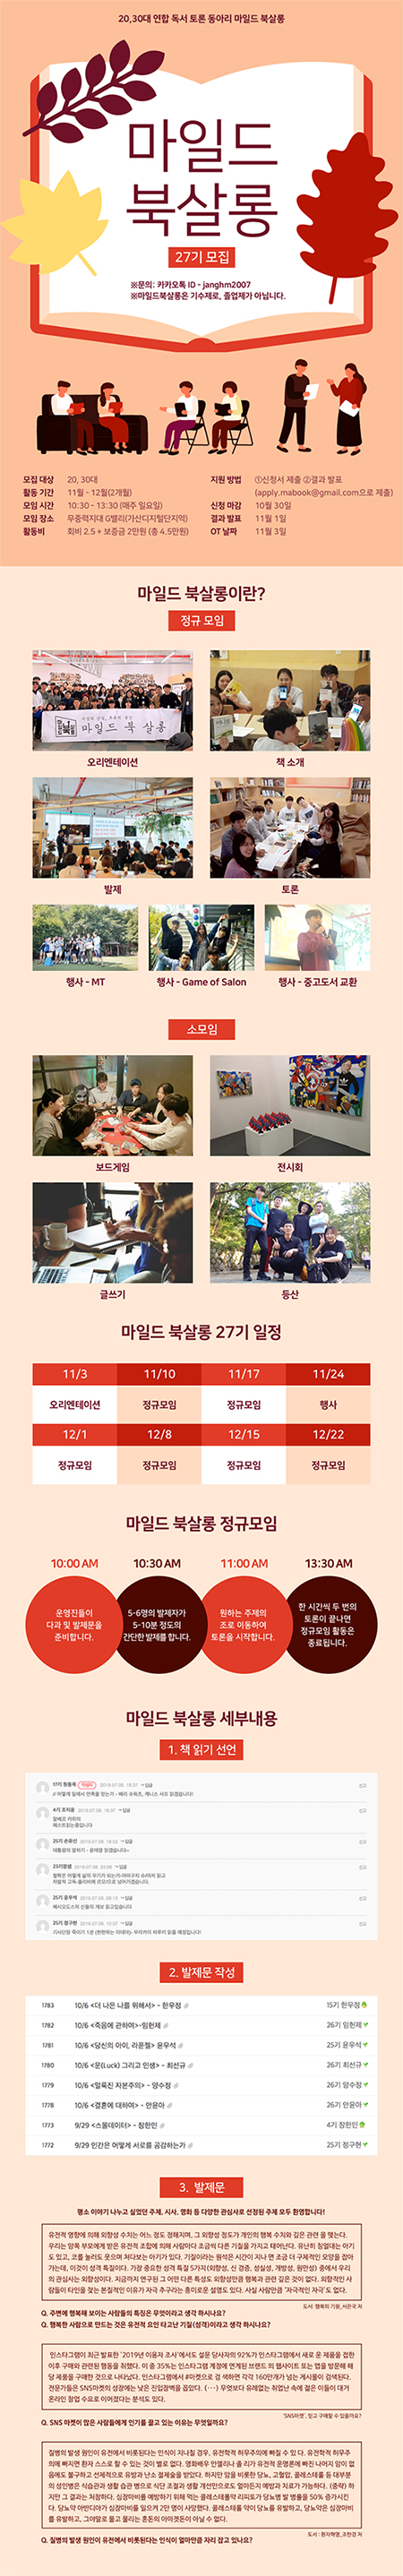 독서토론모임 ≪마일드 북 살롱≫ 27기 모집(~10.30)